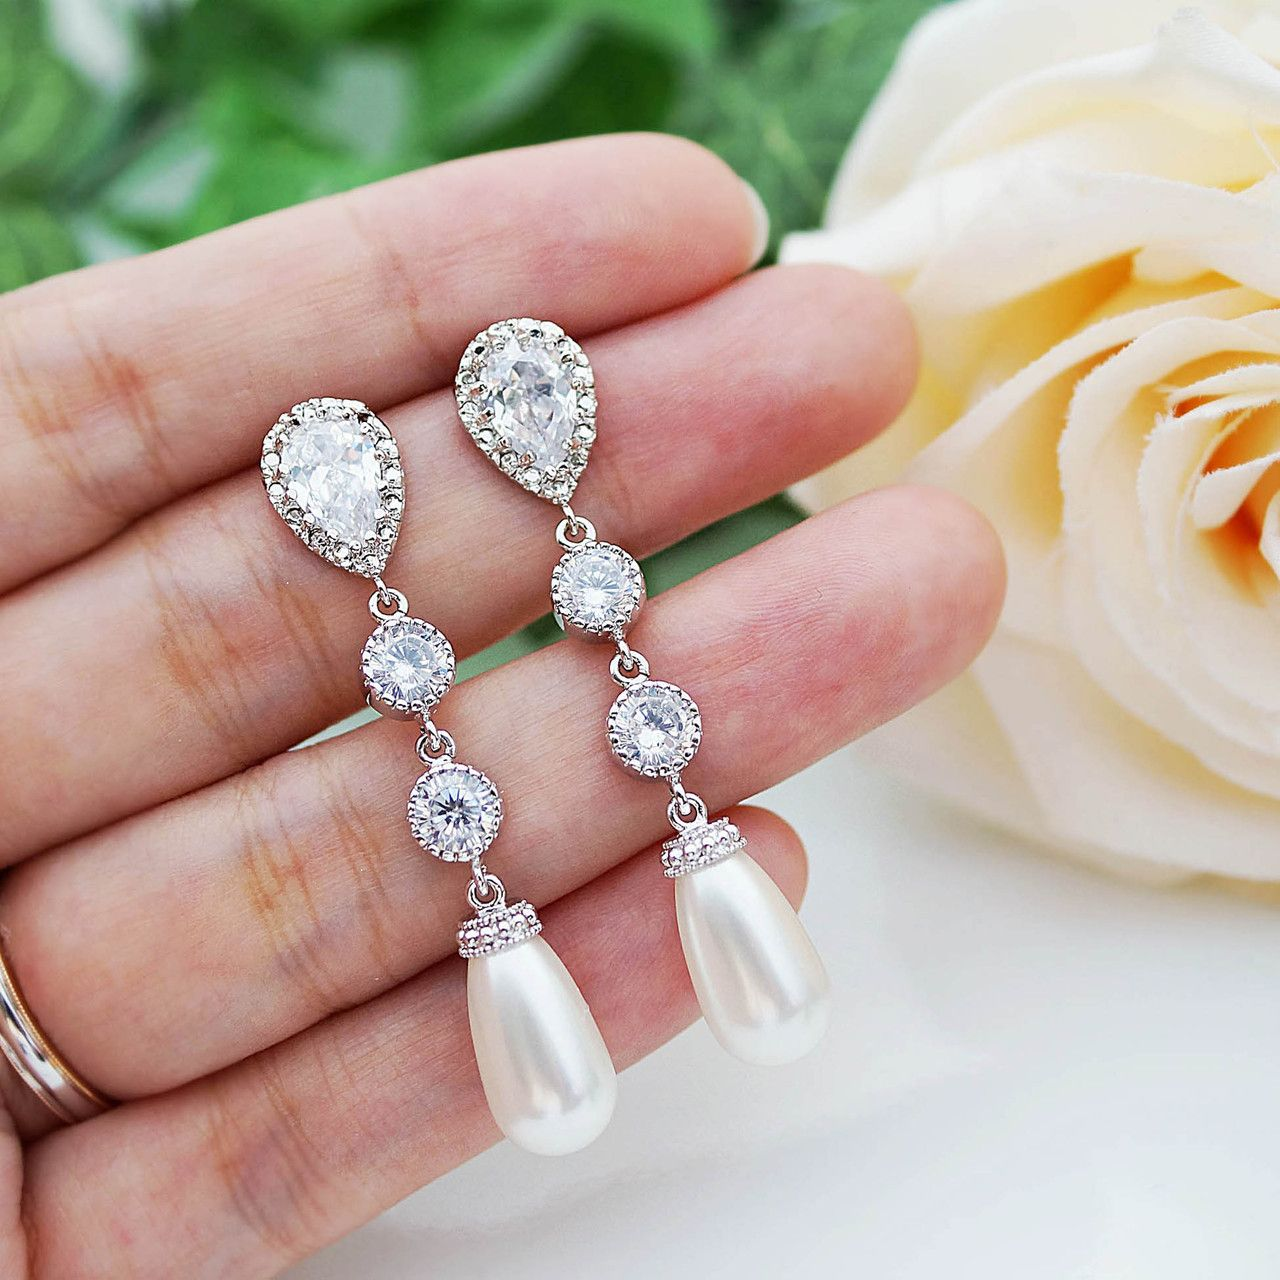 Swarovski Tear drop Pearls with Cubic Zirconia connectors Bridal ...